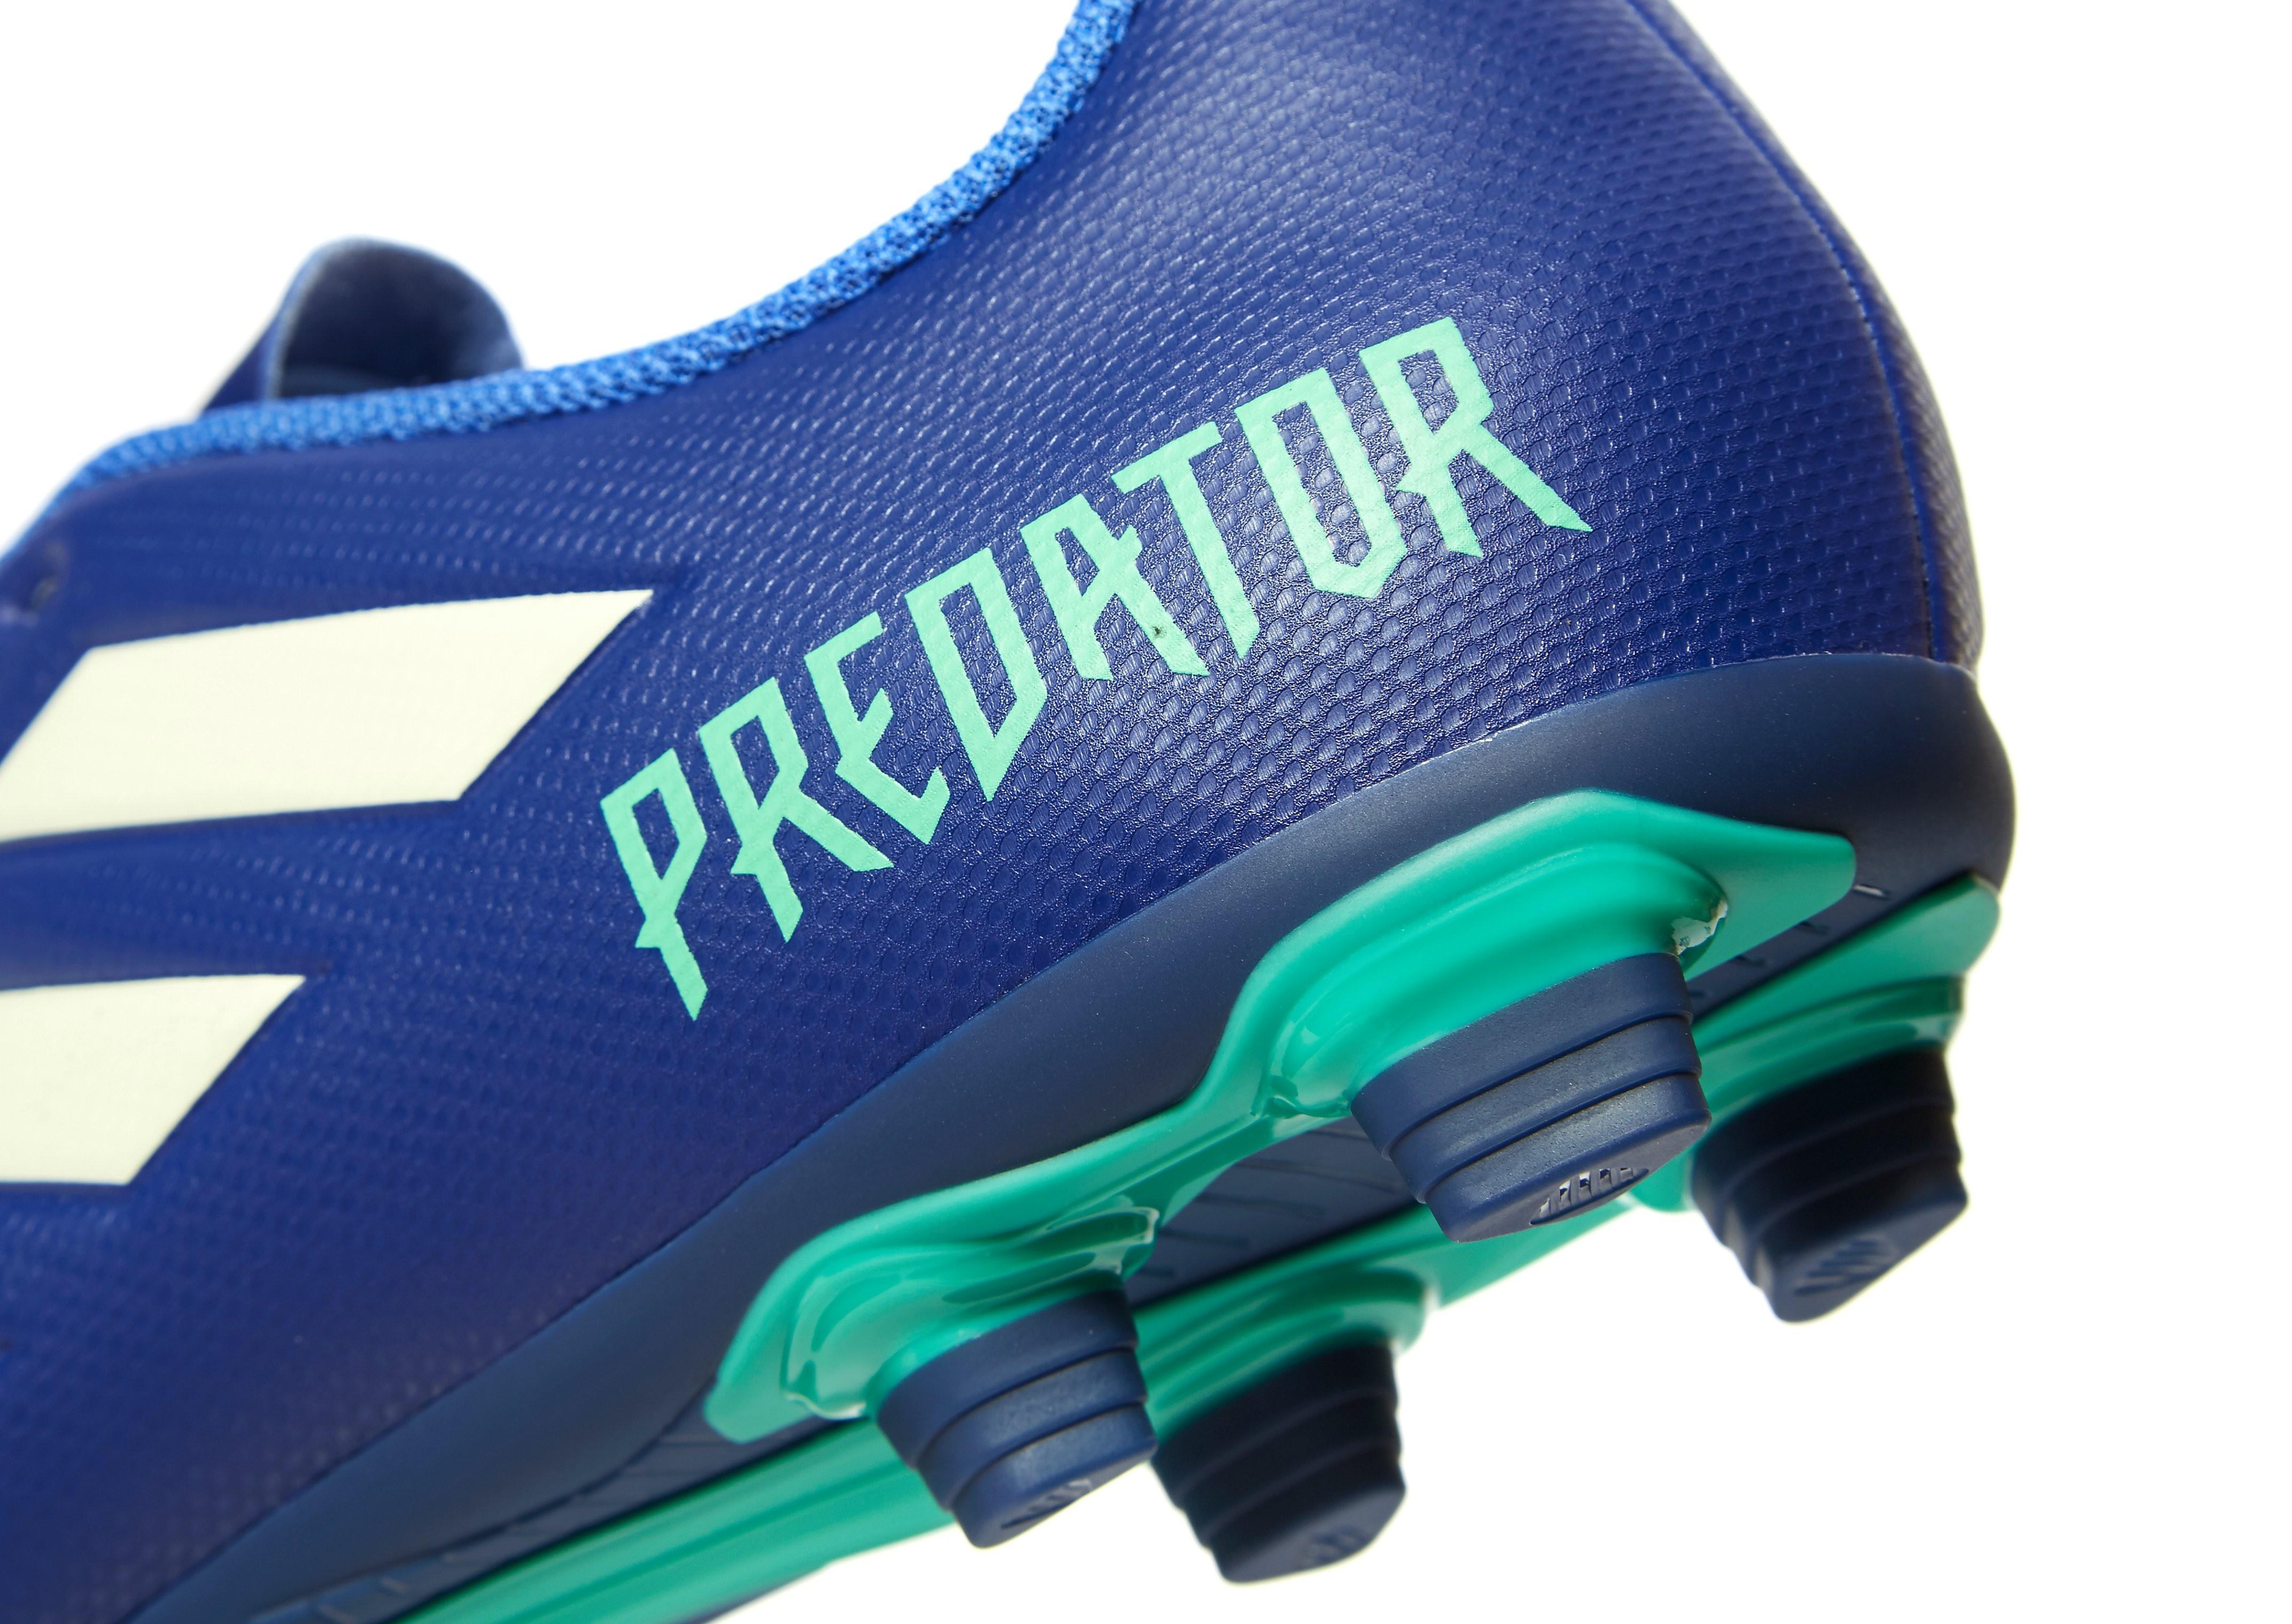 adidas Deadly Strike Predator 18.4 FG